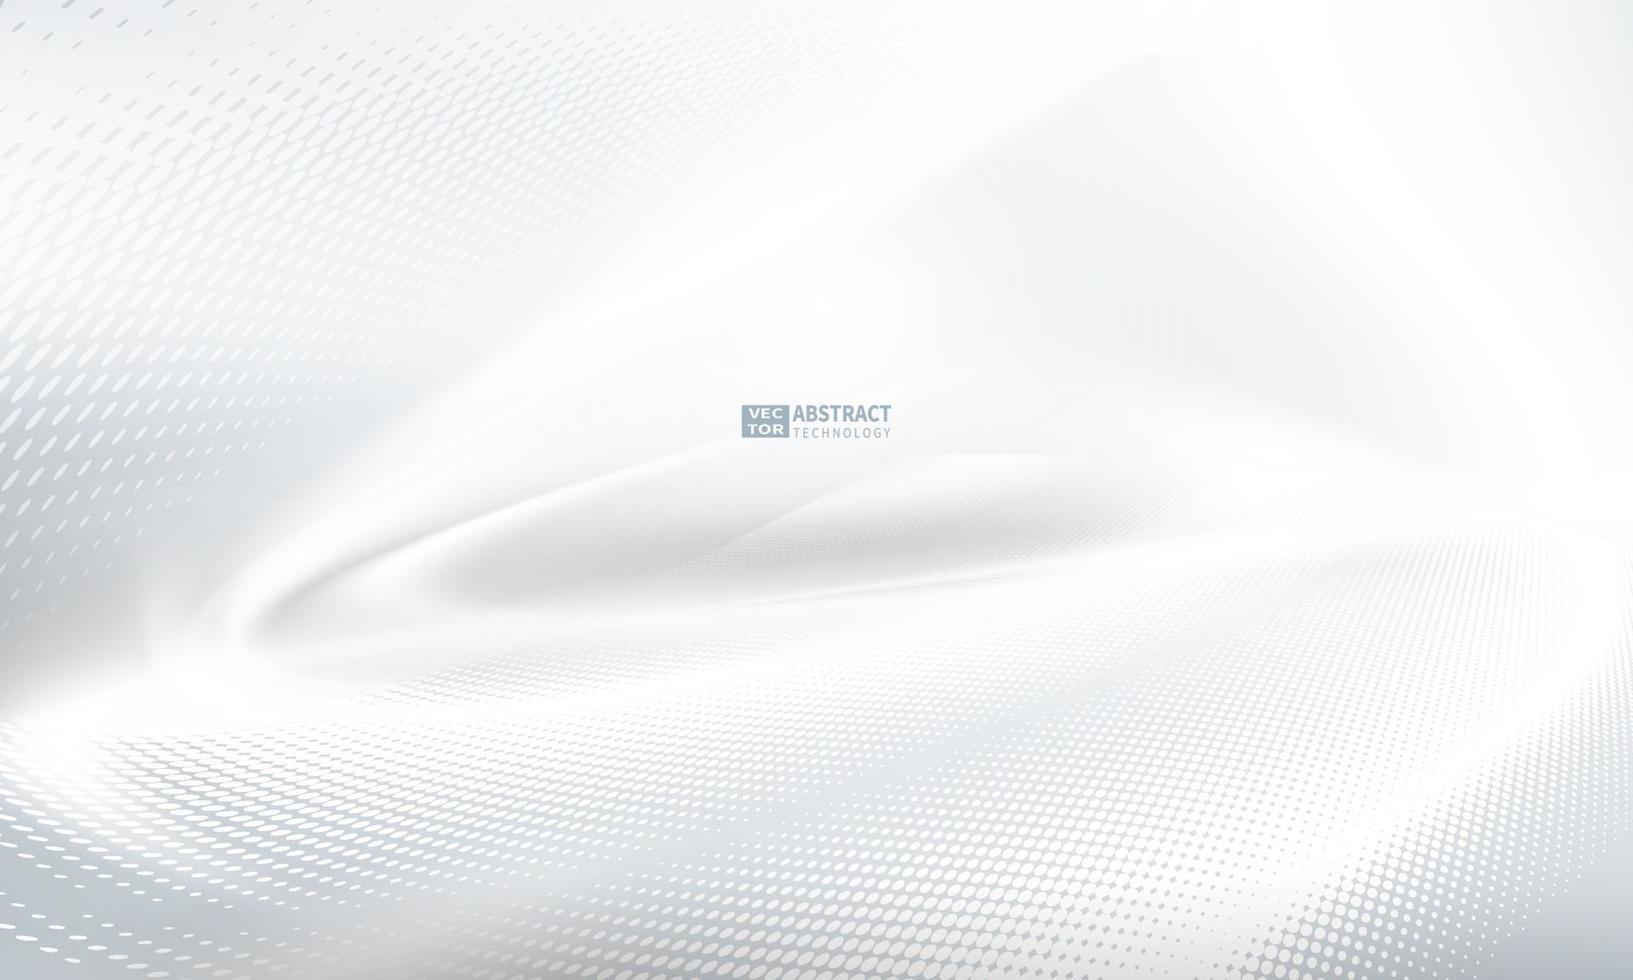 poster abstrato cinza com dinâmica. ilustração em vetor tecnologia rede.